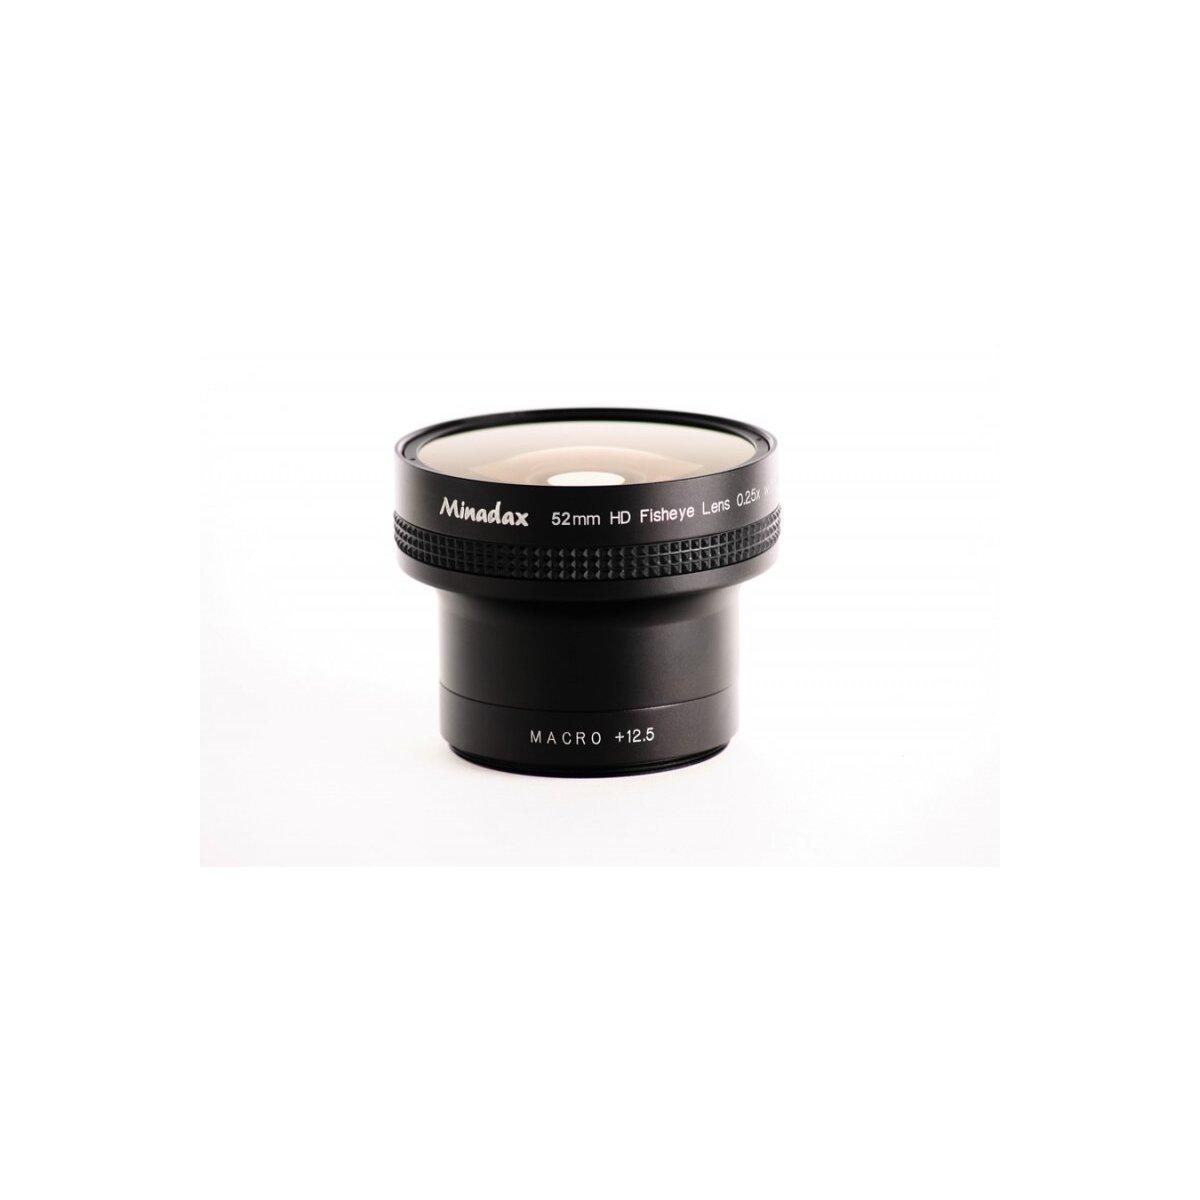 Minadax 0.25x Fisheye Vorsatz kompatibel mit Nikon 885/4300 - in schwarz